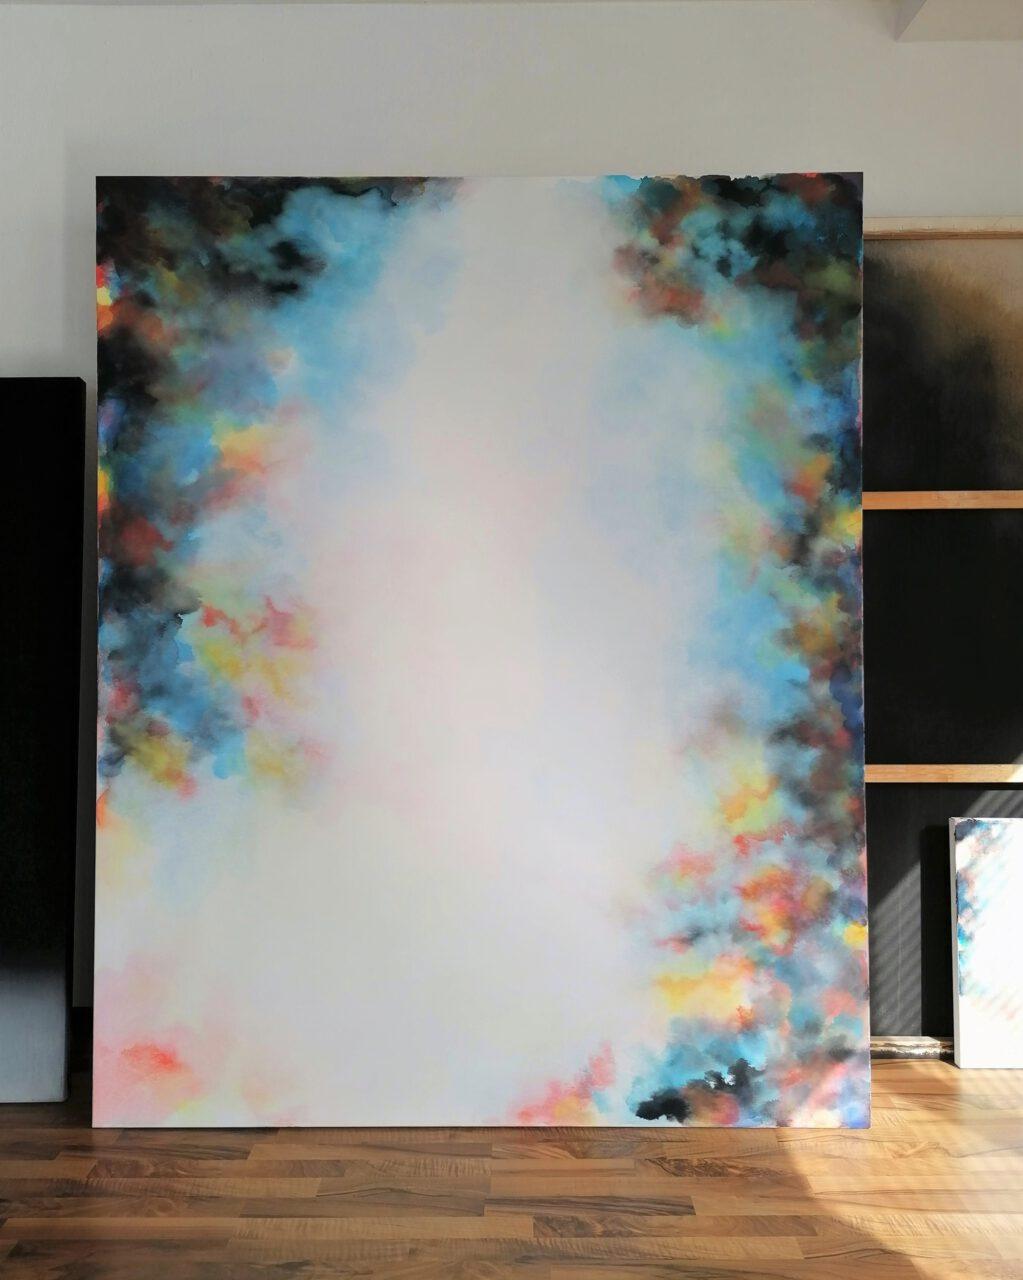 Dome Painting (7) / 2020 / 210 cm x 170 cm / Aquarelle & Gouache, canvas